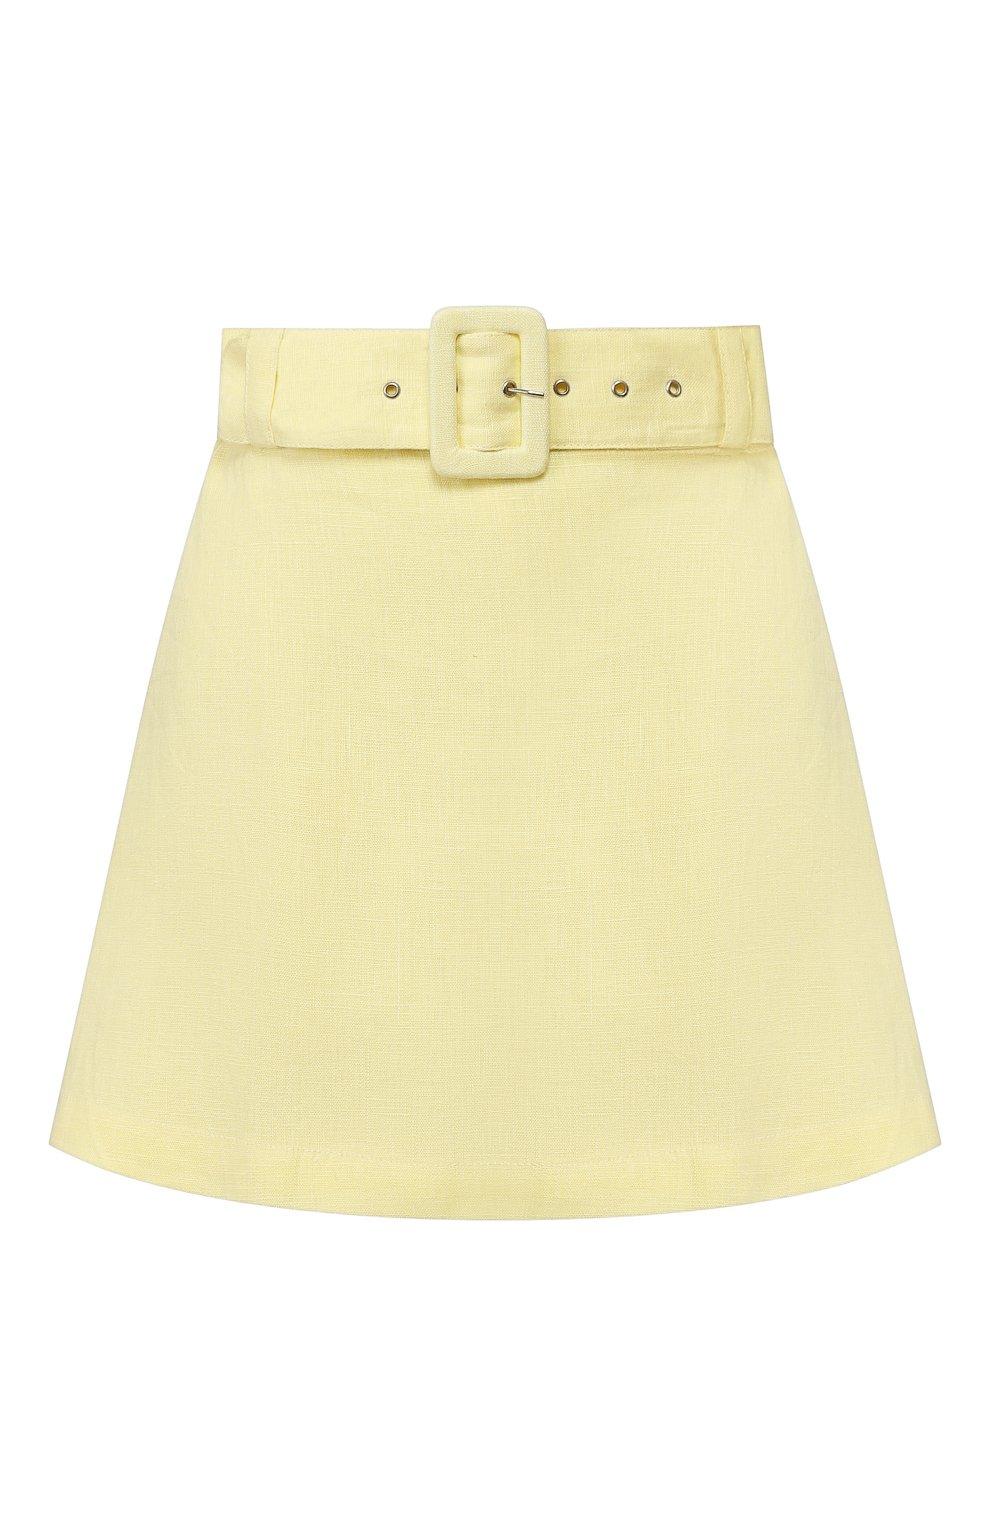 Женские льняные шорты FAITHFULL THE BRAND желтого цвета, арт. FF1505 | Фото 1 (Женское Кросс-КТ: Шорты-одежда; Длина Ж (юбки, платья, шорты): Мини; Материал внешний: Лен; Стили: Романтичный)